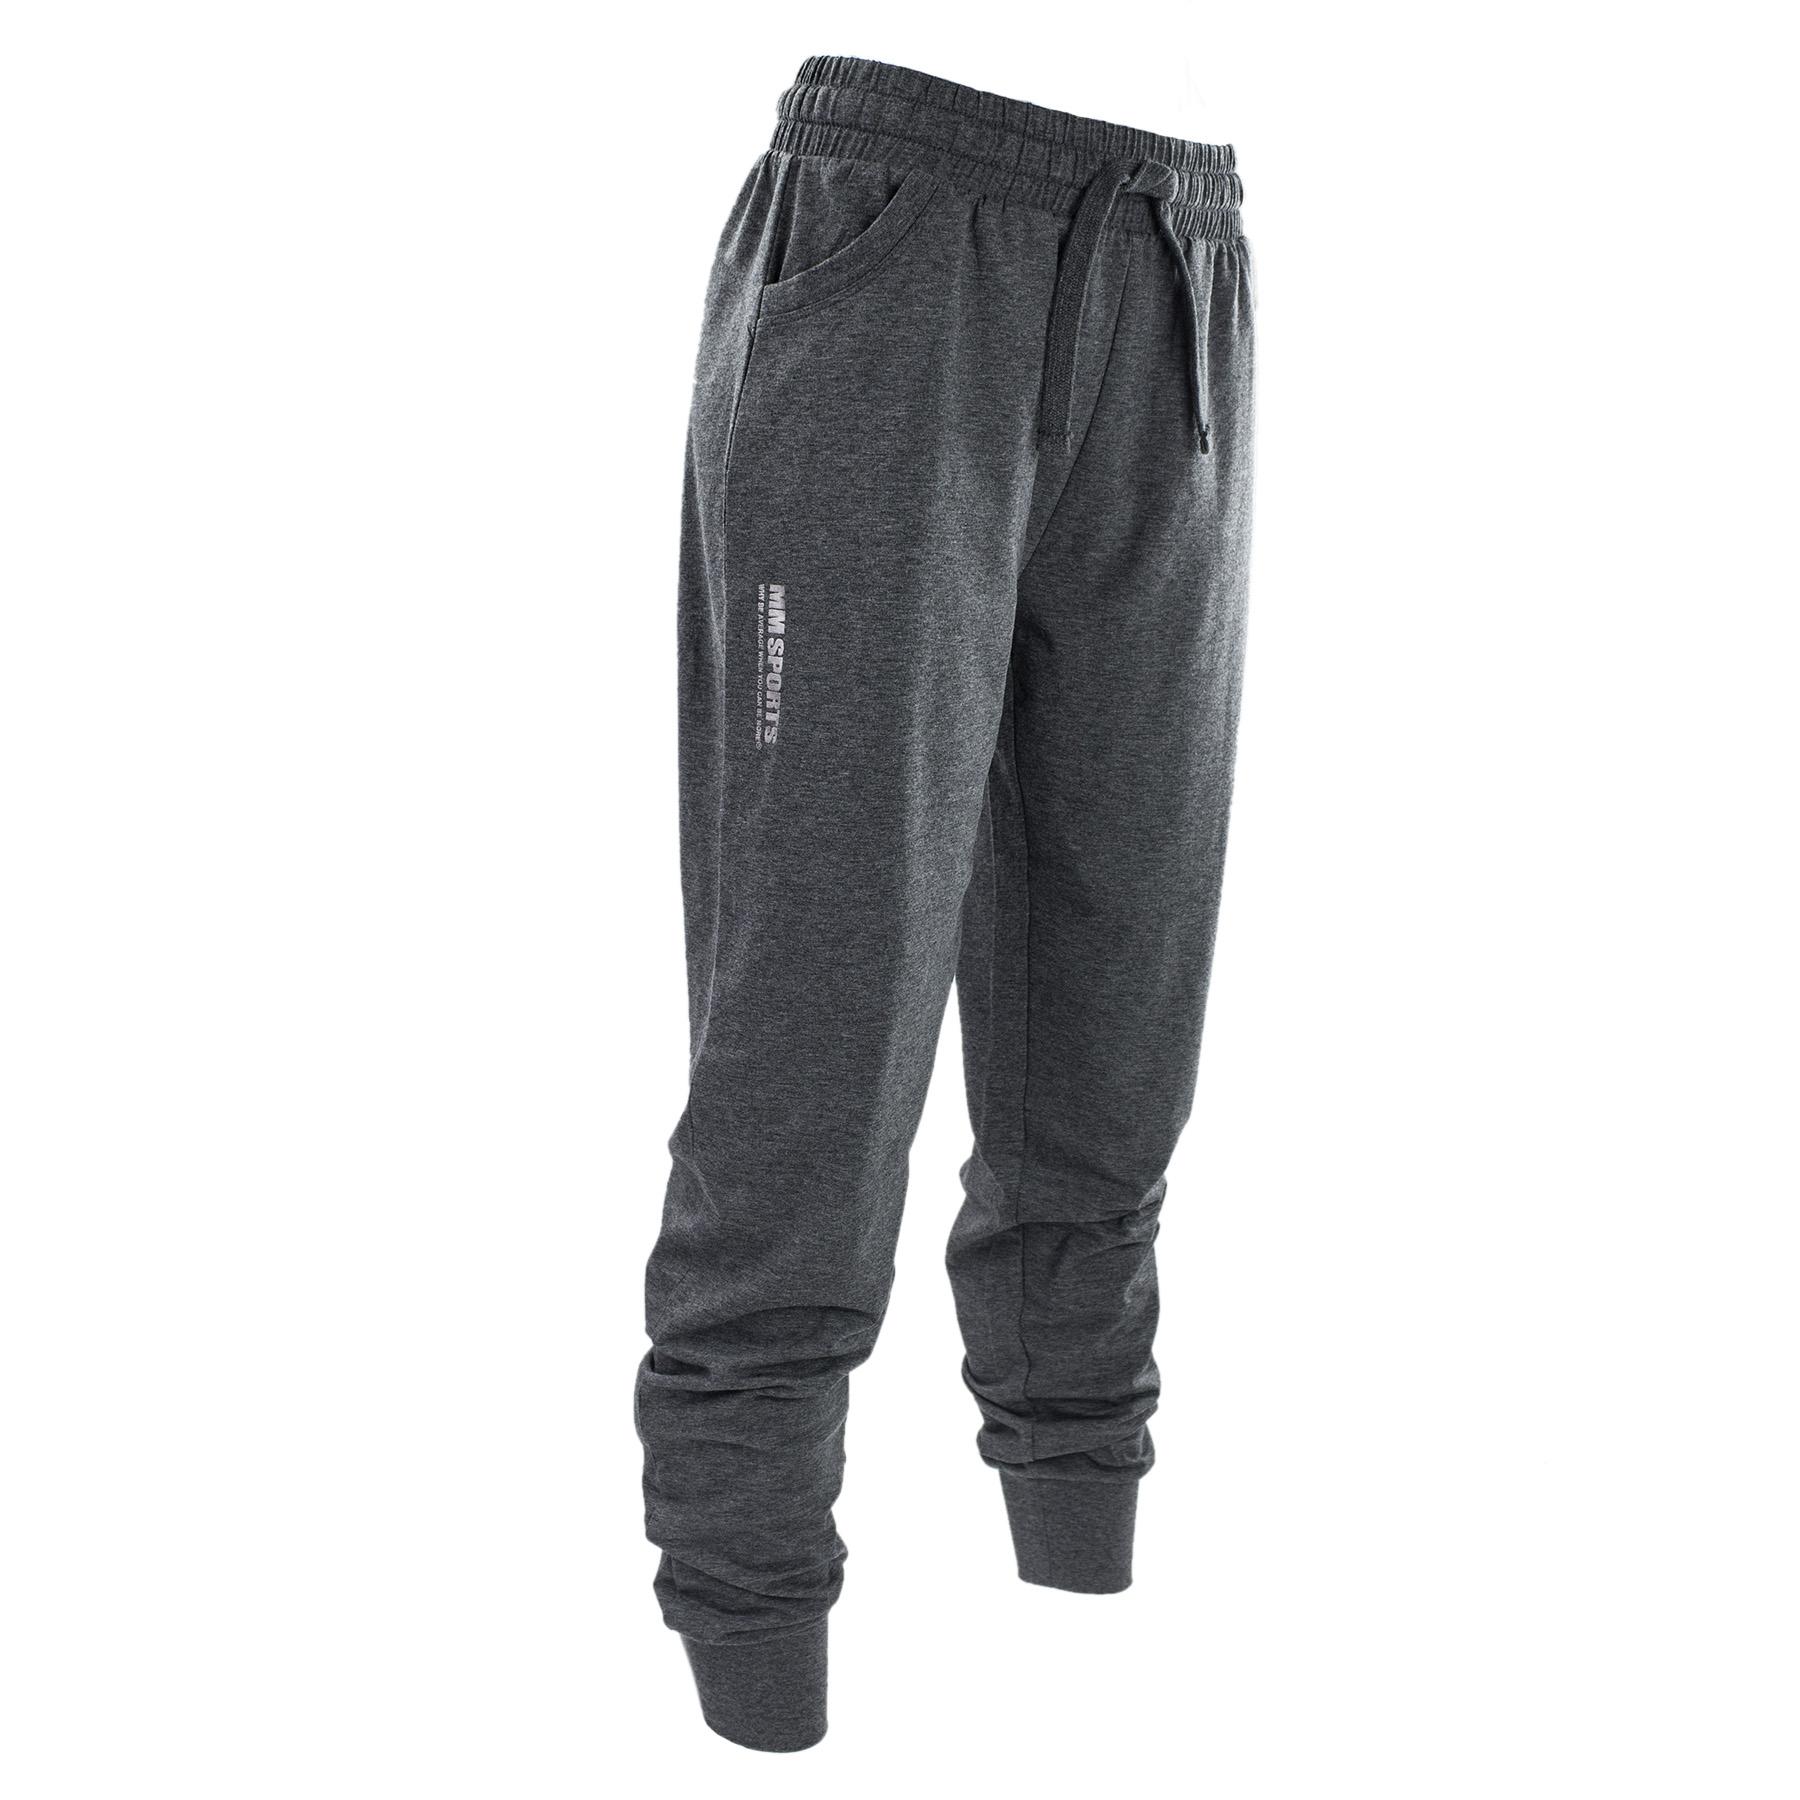 Träningsbyxor – MM Sports Pants Tahnee (Dam) - Dark Greymelange, XS - Träningskläder